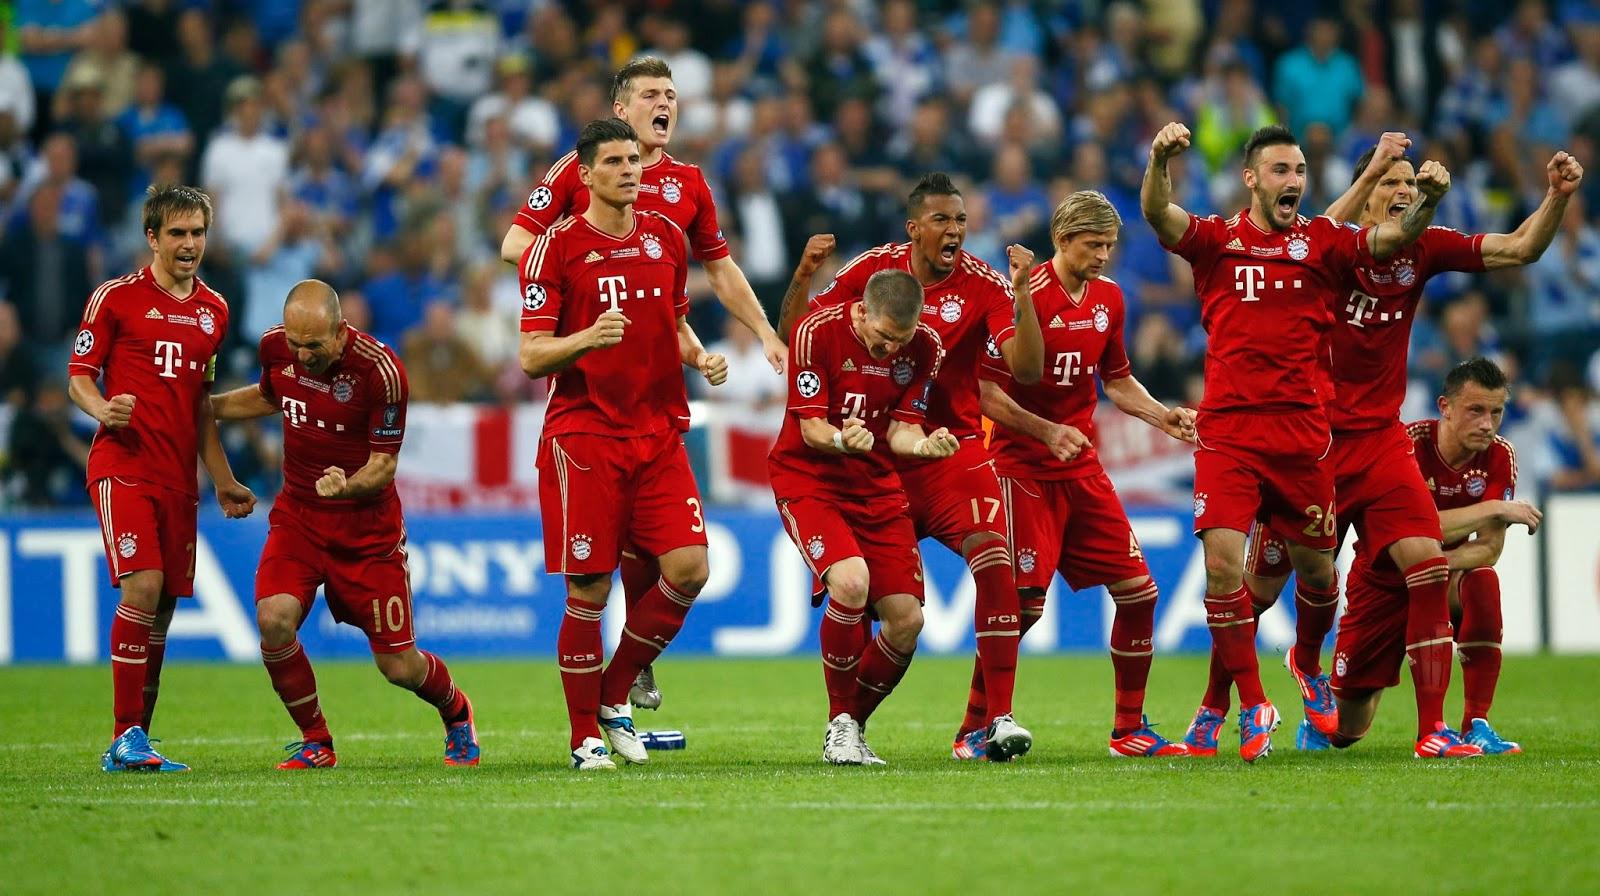 El Bayern Munich llevará a cabo una gira por China en 2015